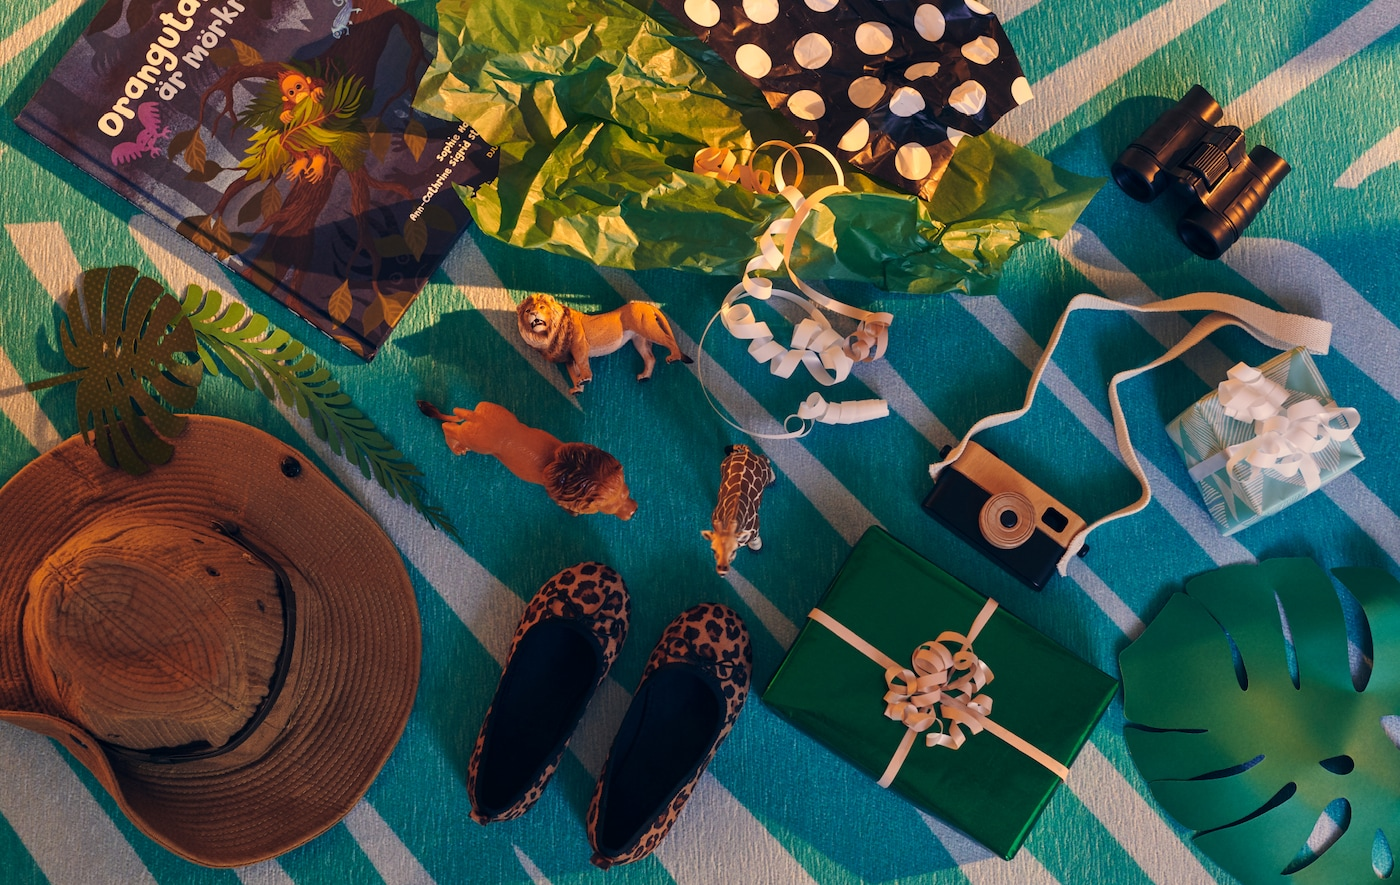 Verschiedene verpackte und offen herumliegende Geschenke und Spielsachen zur Umsetzung toller Kindergeburtstagsideen.